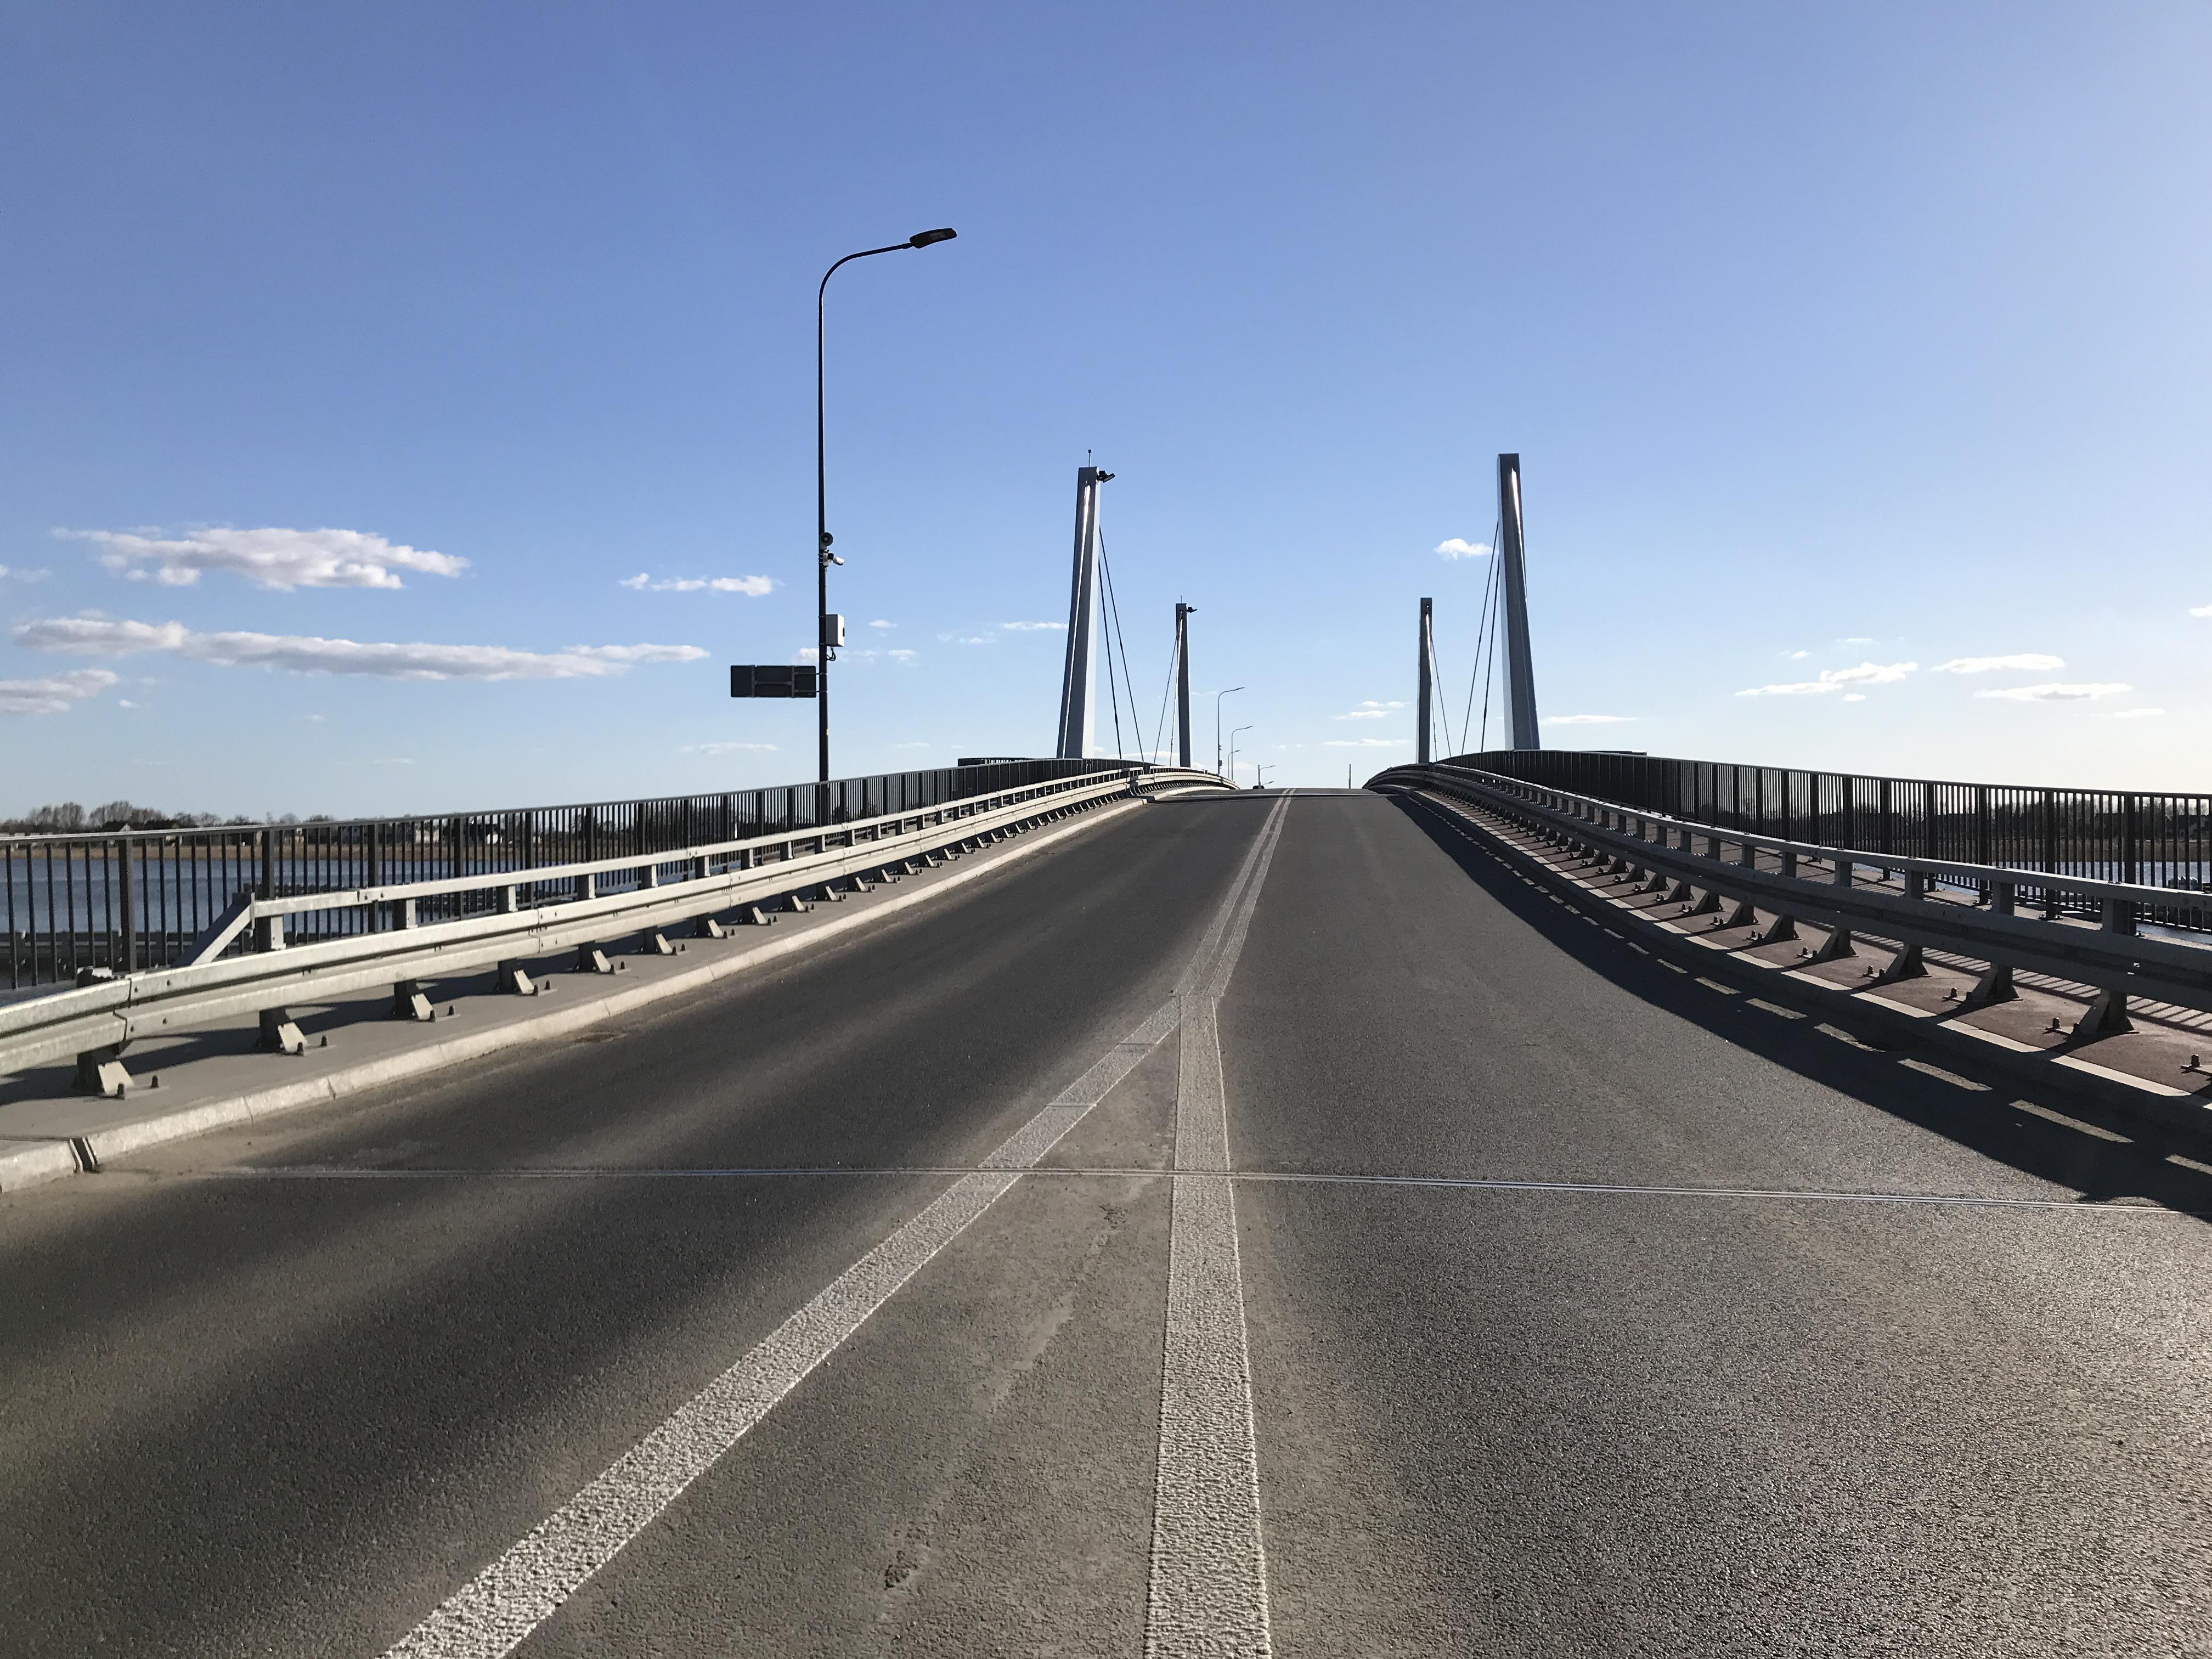 Nowy most Sobieszewski wybudowany w 2018 roku - wjazd od strony Sobieszewa